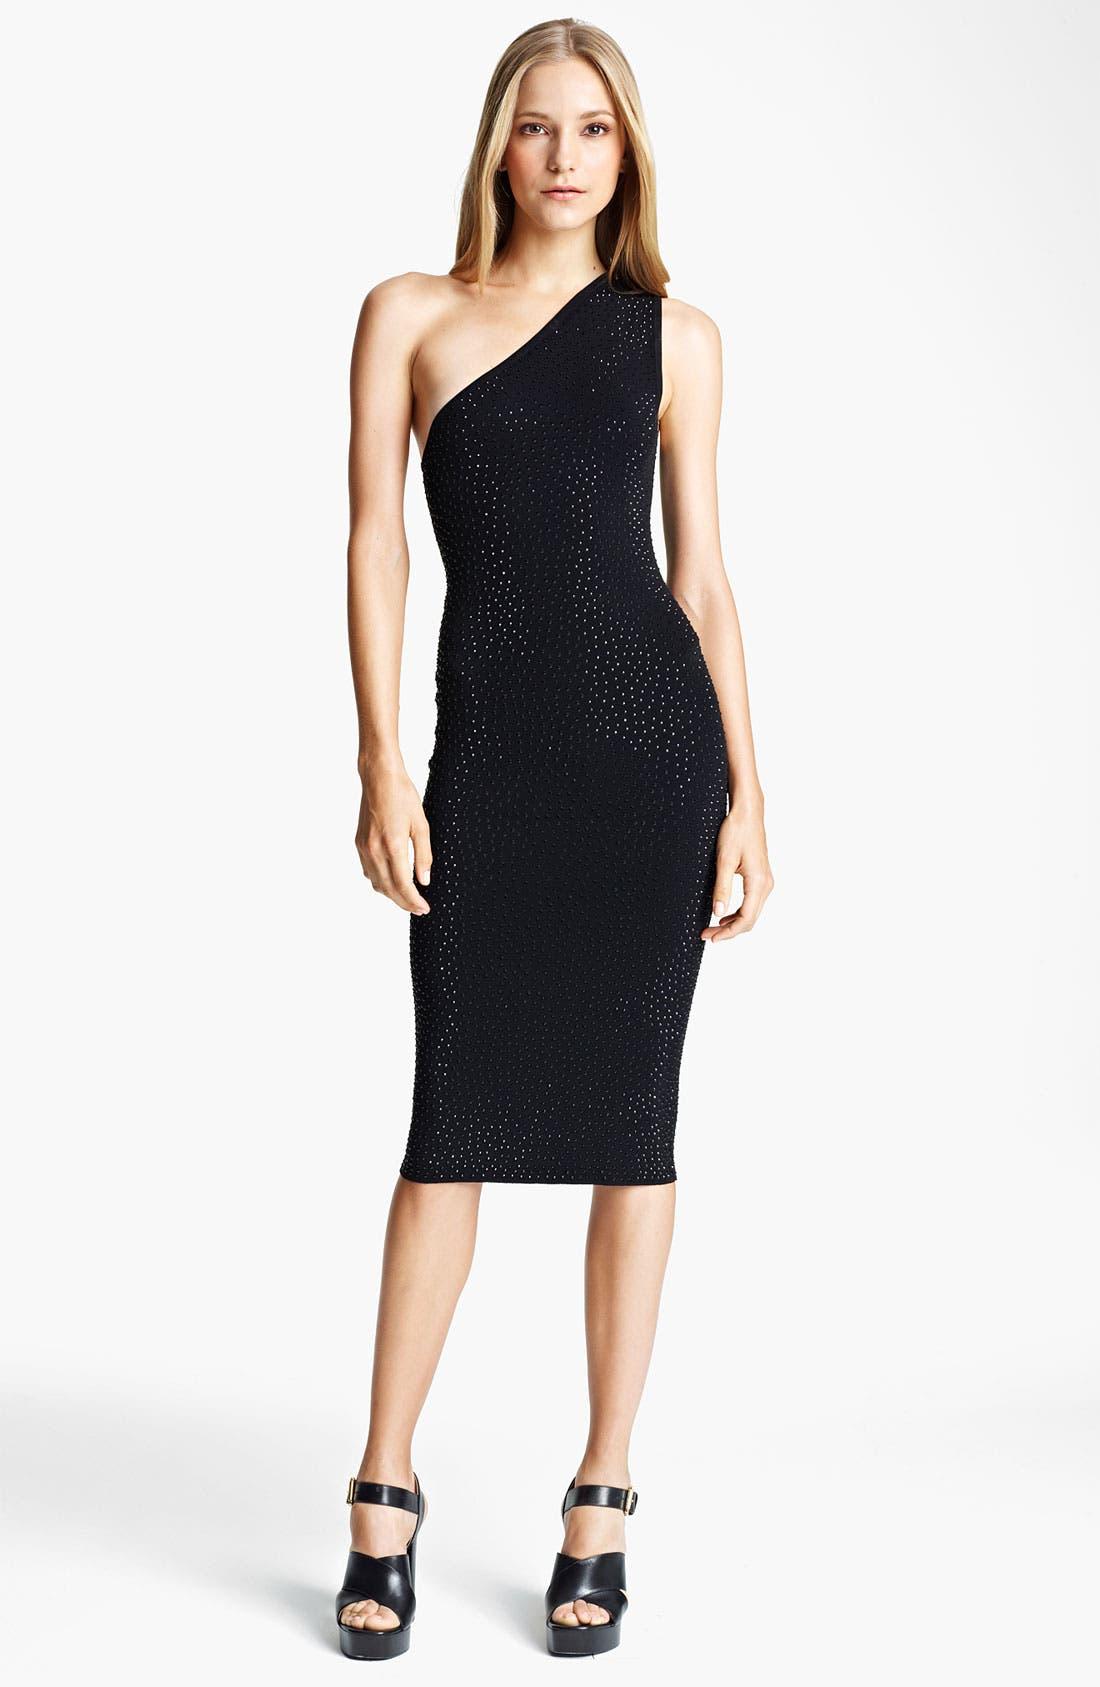 Alternate Image 1 Selected - Michael Kors Embellished One Shoulder Dress